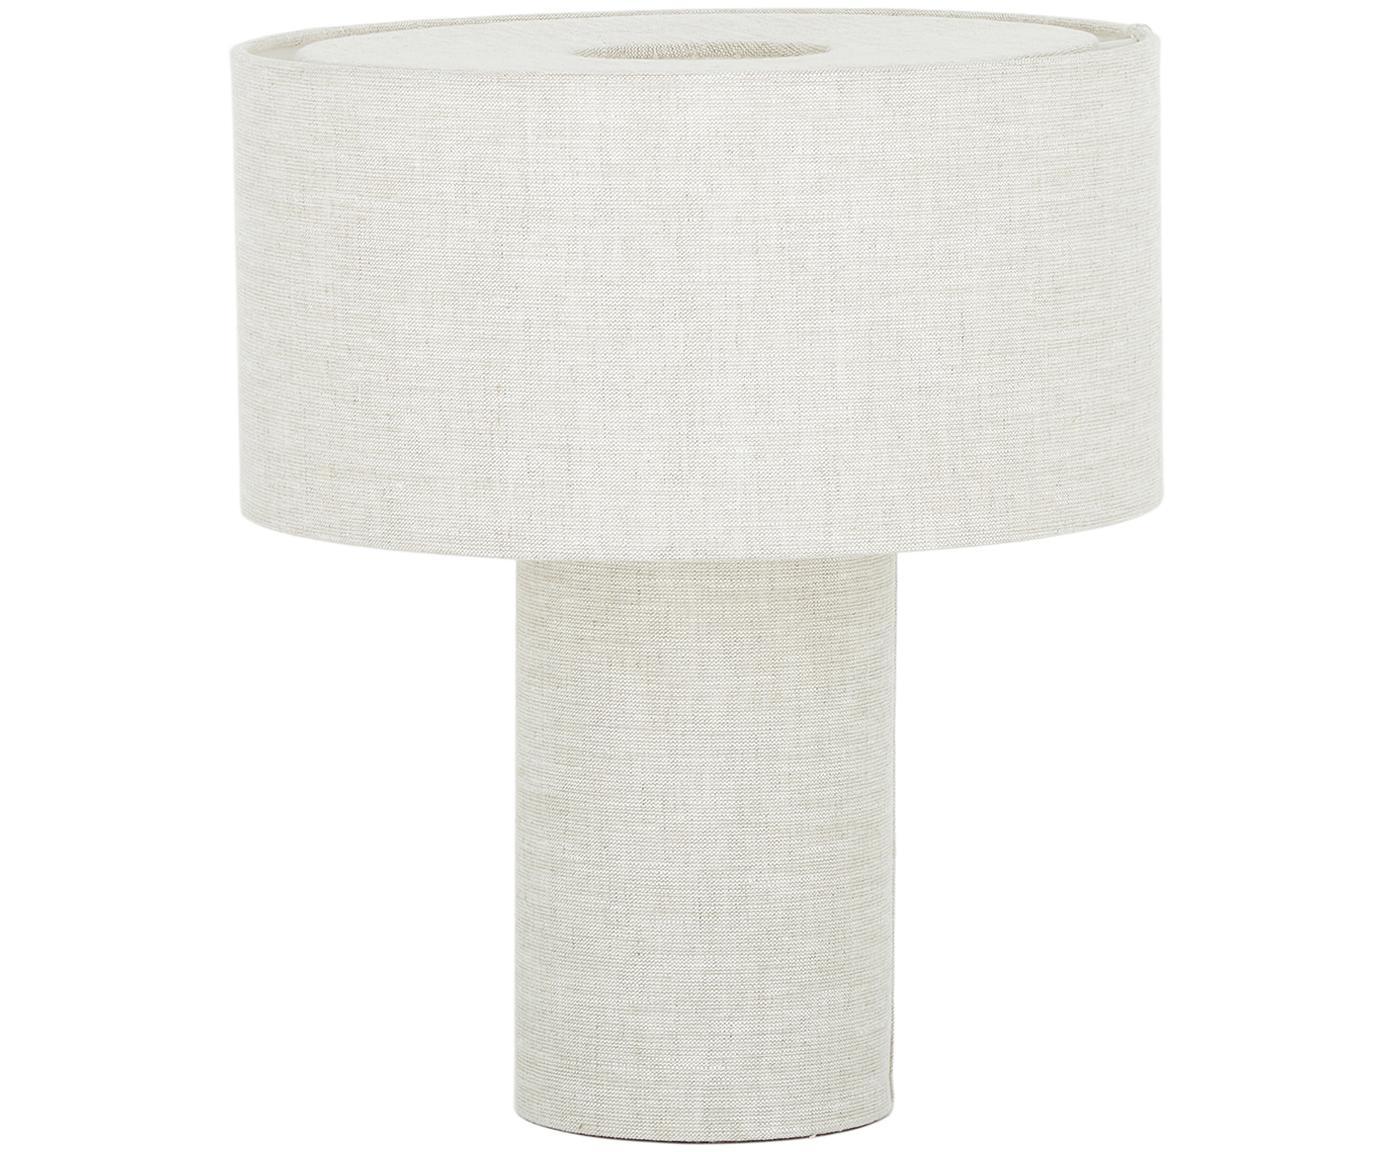 Lampada da tavolo Ron, Paralume: tessuto, Base della lampada: Materiale sintetico con r, Paralume: grigio base della lampada: grigio cavo: nero, Ø 30 x Alt. 35 cm